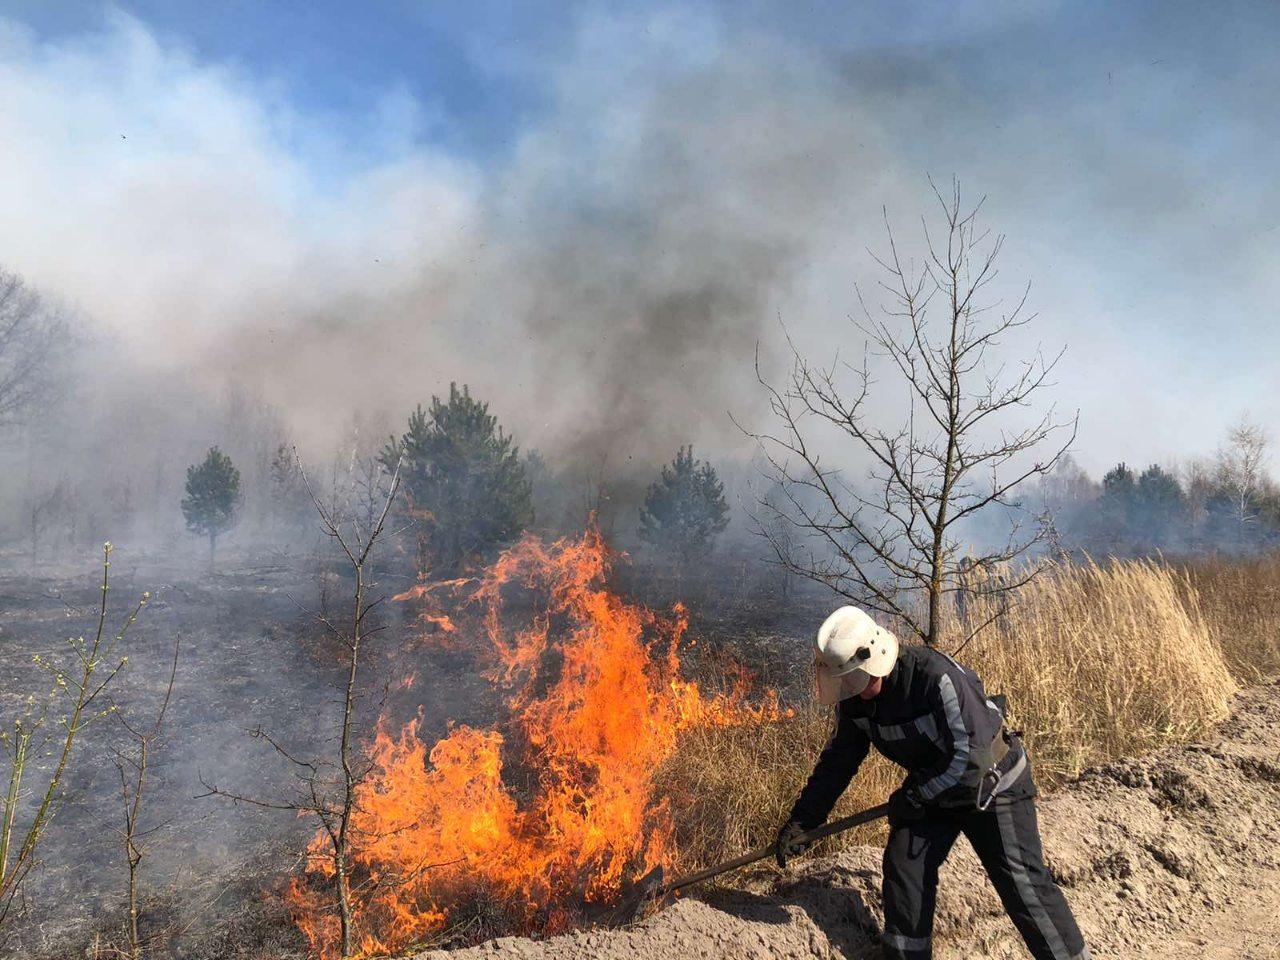 Спалював сміття – загорівся ліс: палієві на Київщині загрожує до 5 років позбавлення волі - пожежа - 24 pozhezha